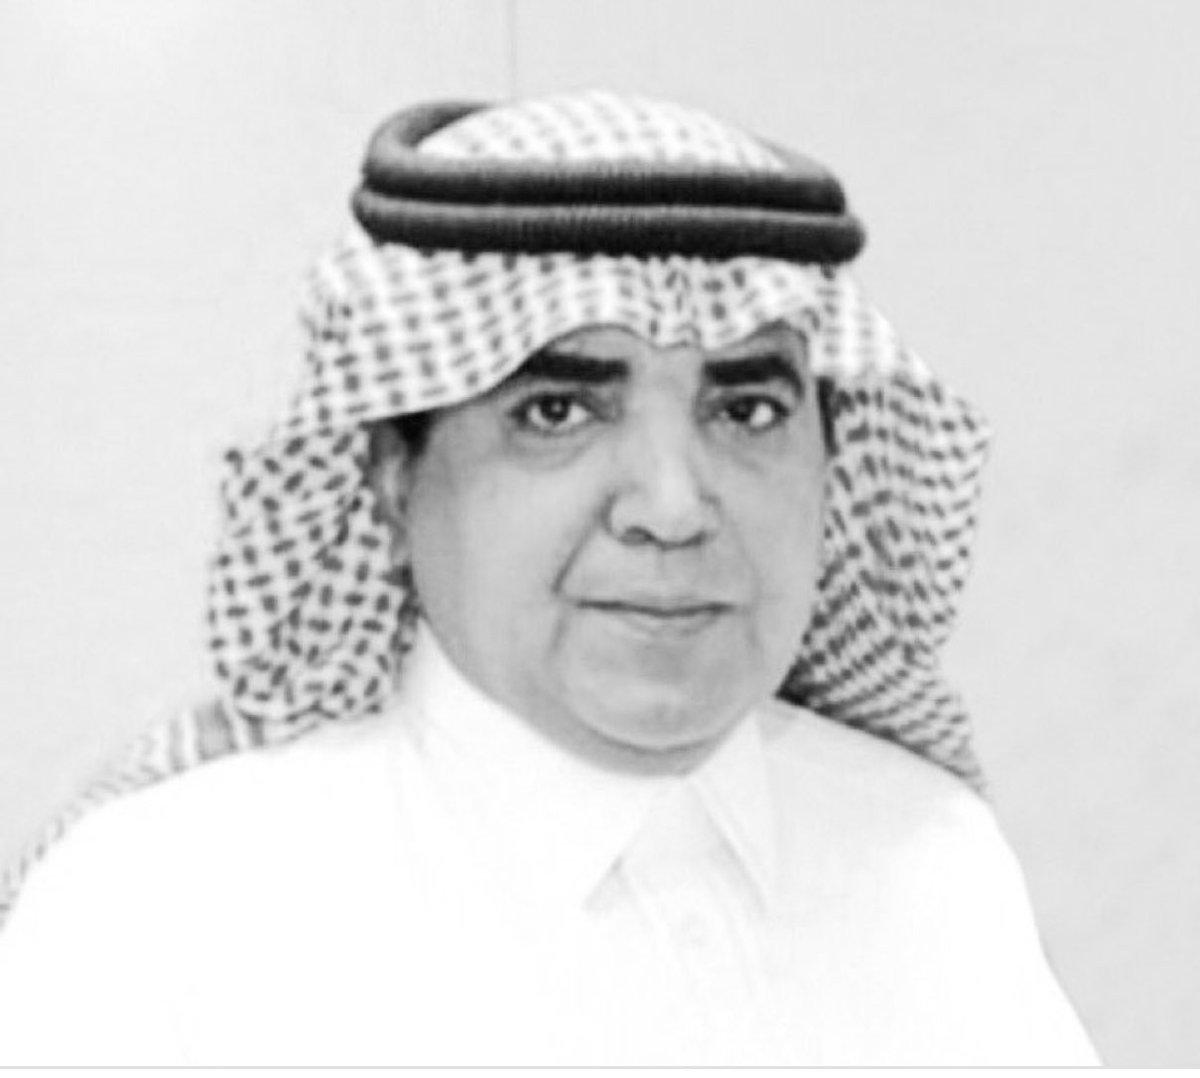 """رحيل مؤلم وغياب موجع للصديق العزيز فهد العبدالكريم رئيس تحرير صحيفة الرياض رحل أبو يزيد ولا يذكره الناس إلا بحسن الخلق والابتسامة الدائمة والذكرى العطرة نعزي أنفسنا وذوي الفقيد بوفاته و""""إِنَّا لِلّهِ وَإِنَّـا إِلَيْهِ رَاجِعونَ""""  #فهد_العبدالكريم_في_ذمه_الله https://t.co/Dc4JOug66B"""